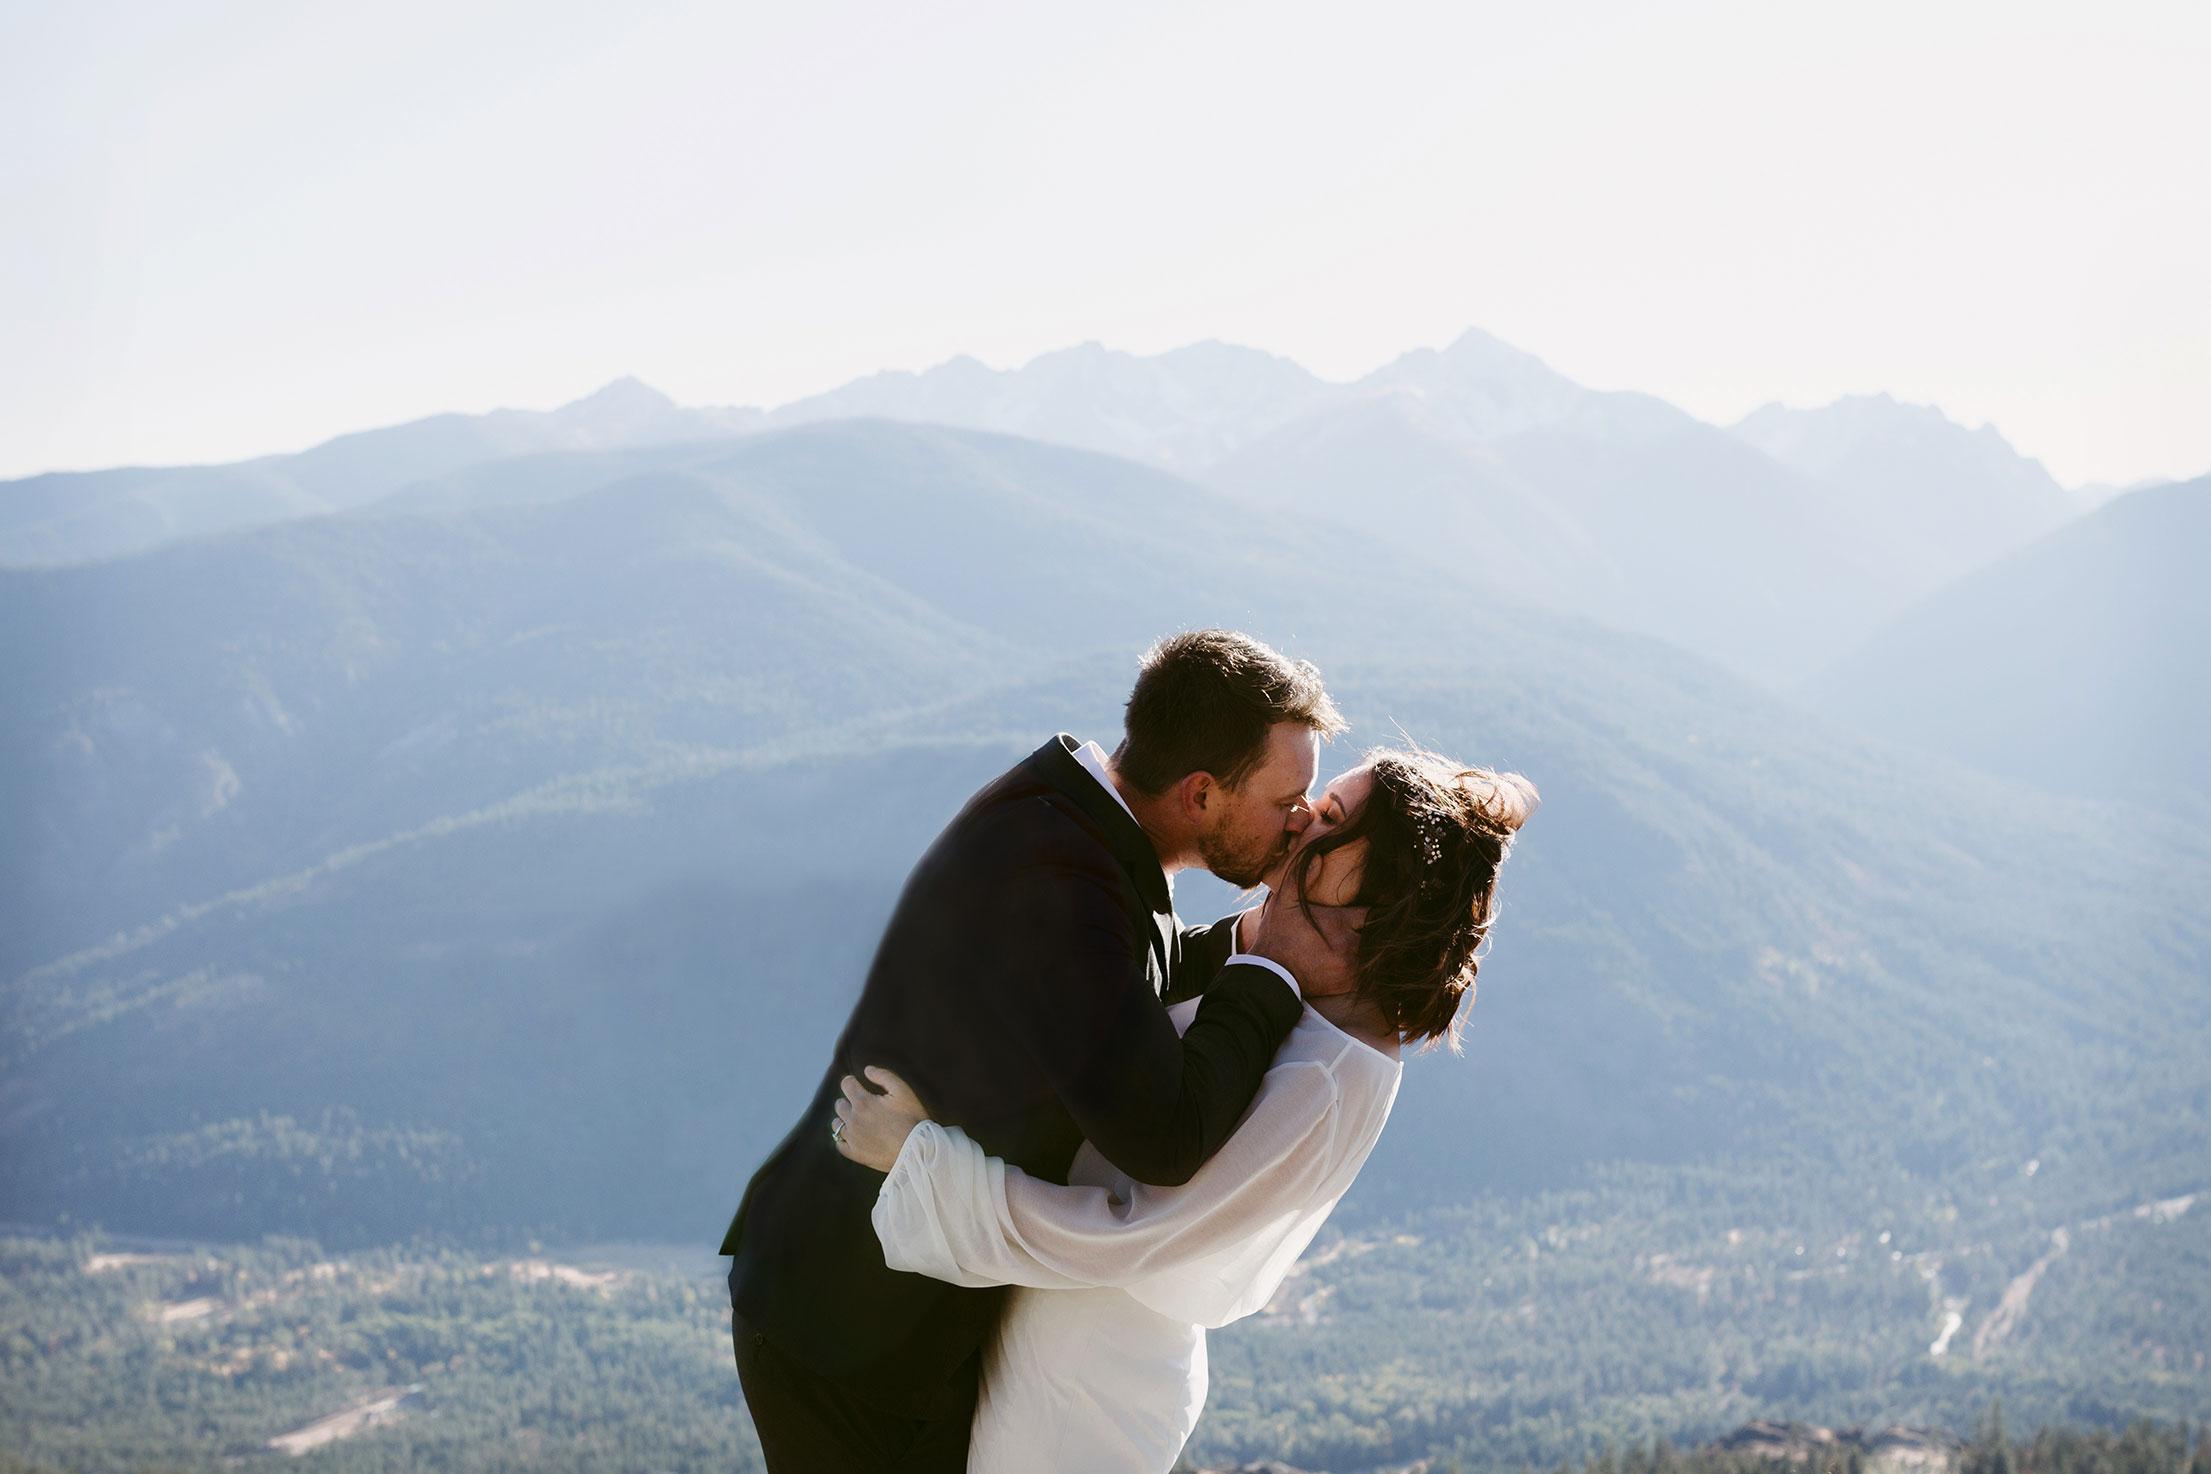 First Kiss Mountain Elopement Winthrop wa